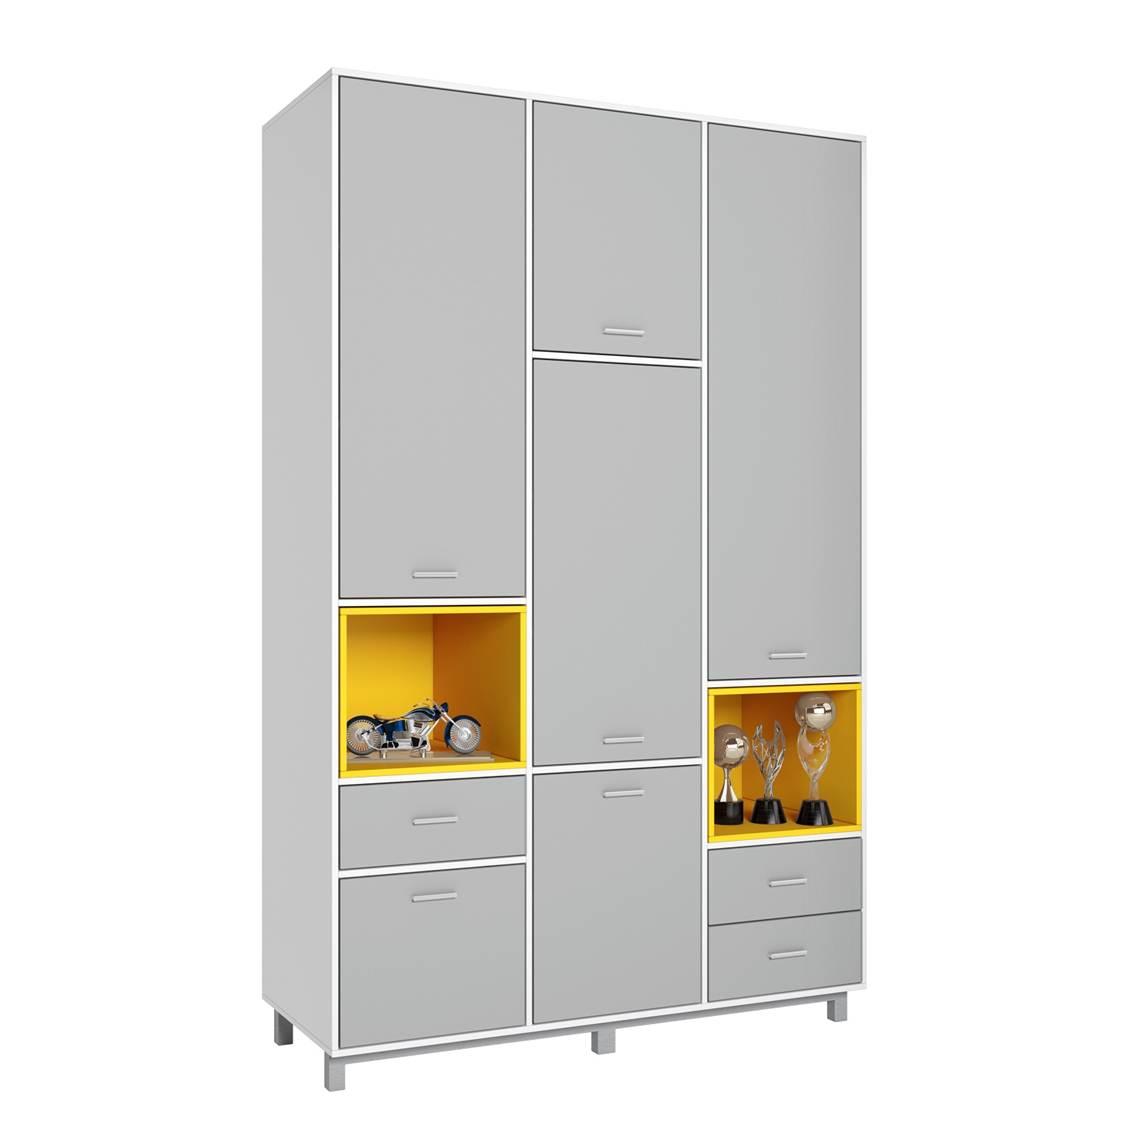 Купить Детский шкаф трехсекционный Polini kids Mirum 2335 белый-серый/желтый, Шкафы в детскую комнату